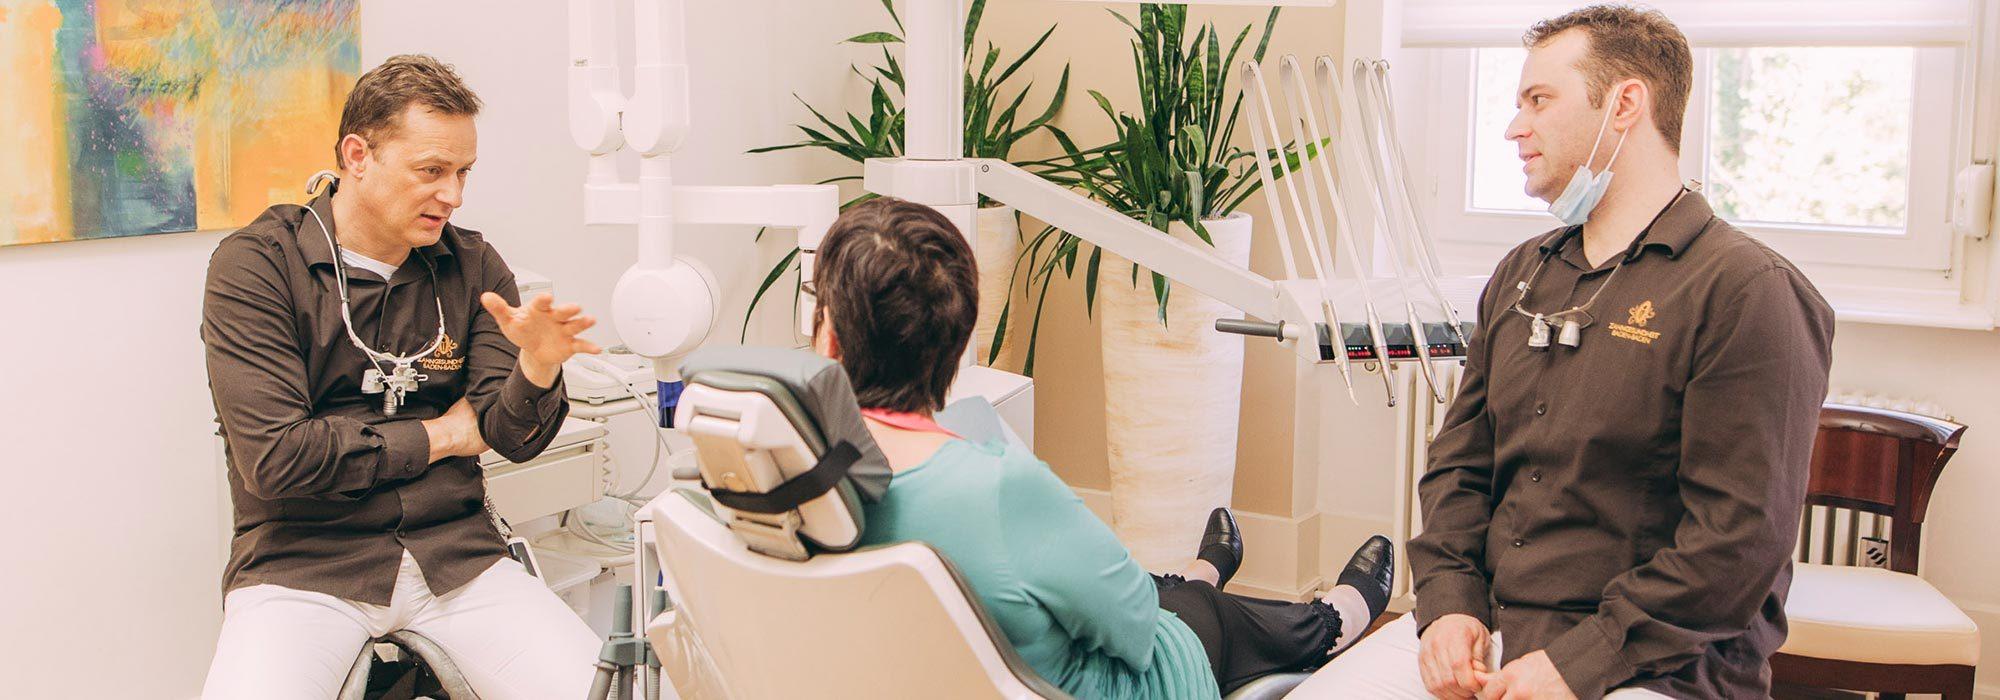 Zahnärzte Dr. Torsten Kamm und Dr. Andreas Euchner beraten eine Patienten zur Zahnwurzelbehandlung in Baden-Baden.